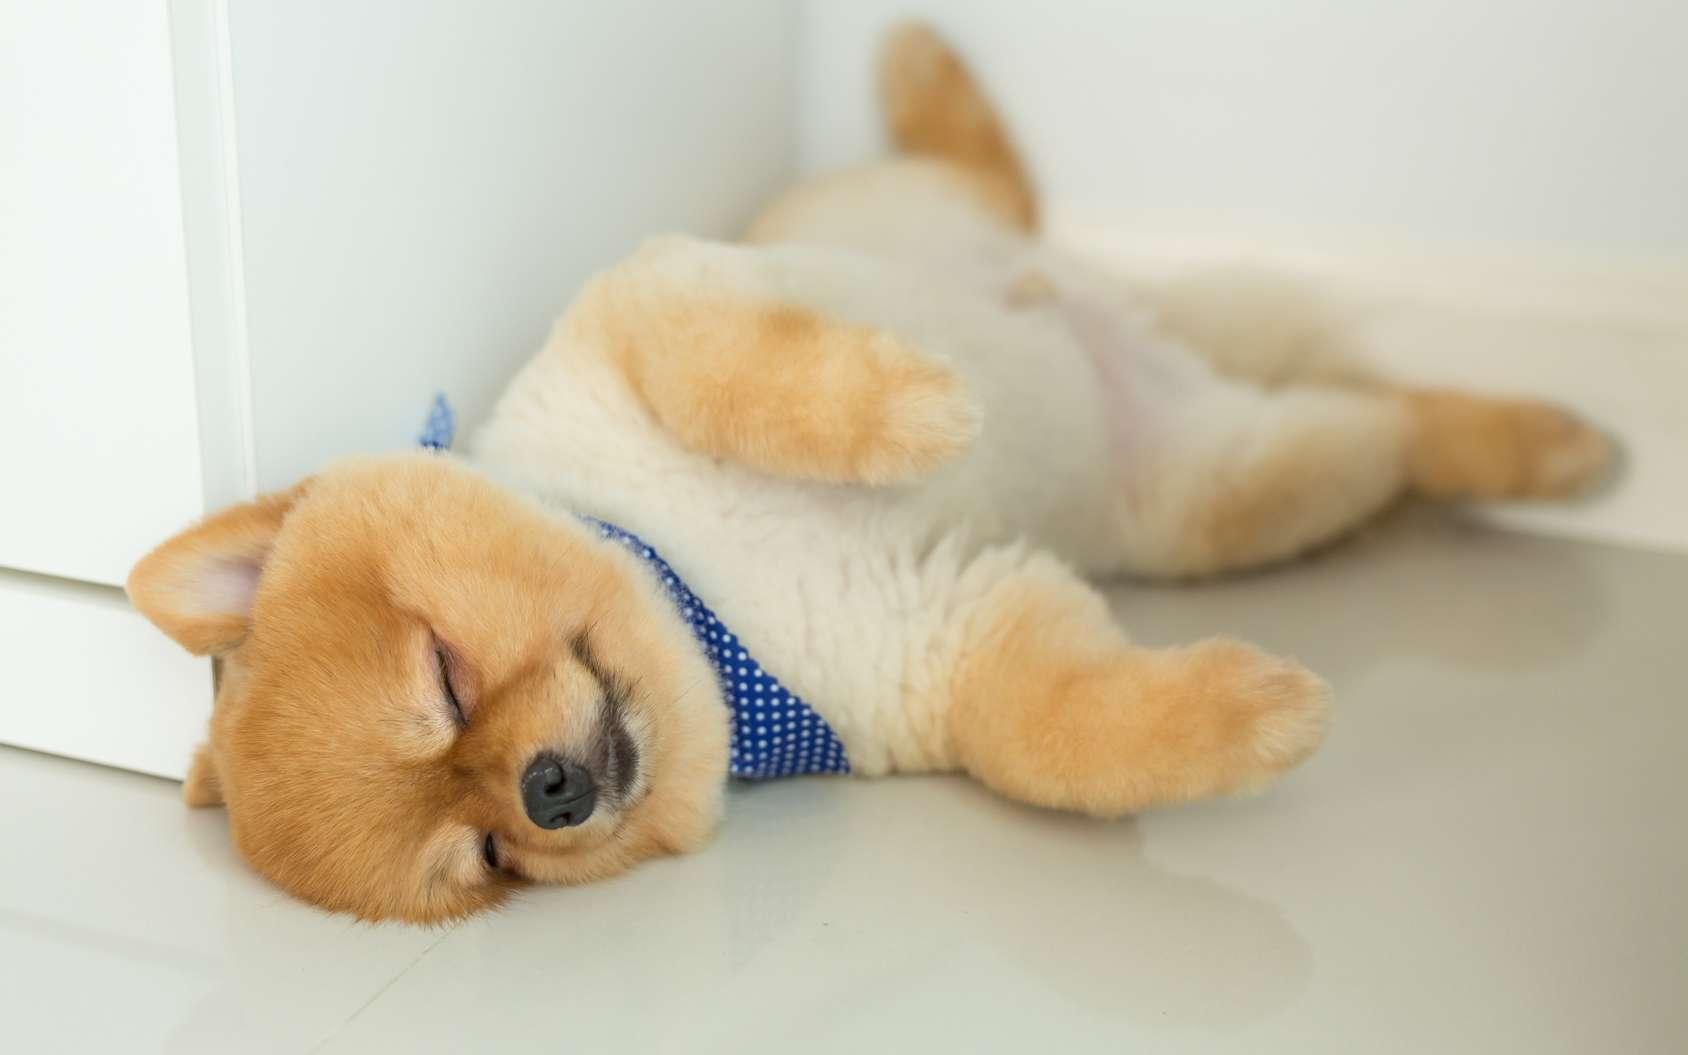 Les chiens passent beaucoup de temps à dormir et les phases du sommeil sont semblables à celles d'autres mammifères. C'est à ce moment que se consolident les souvenirs récents. © sutichak, Fotolia